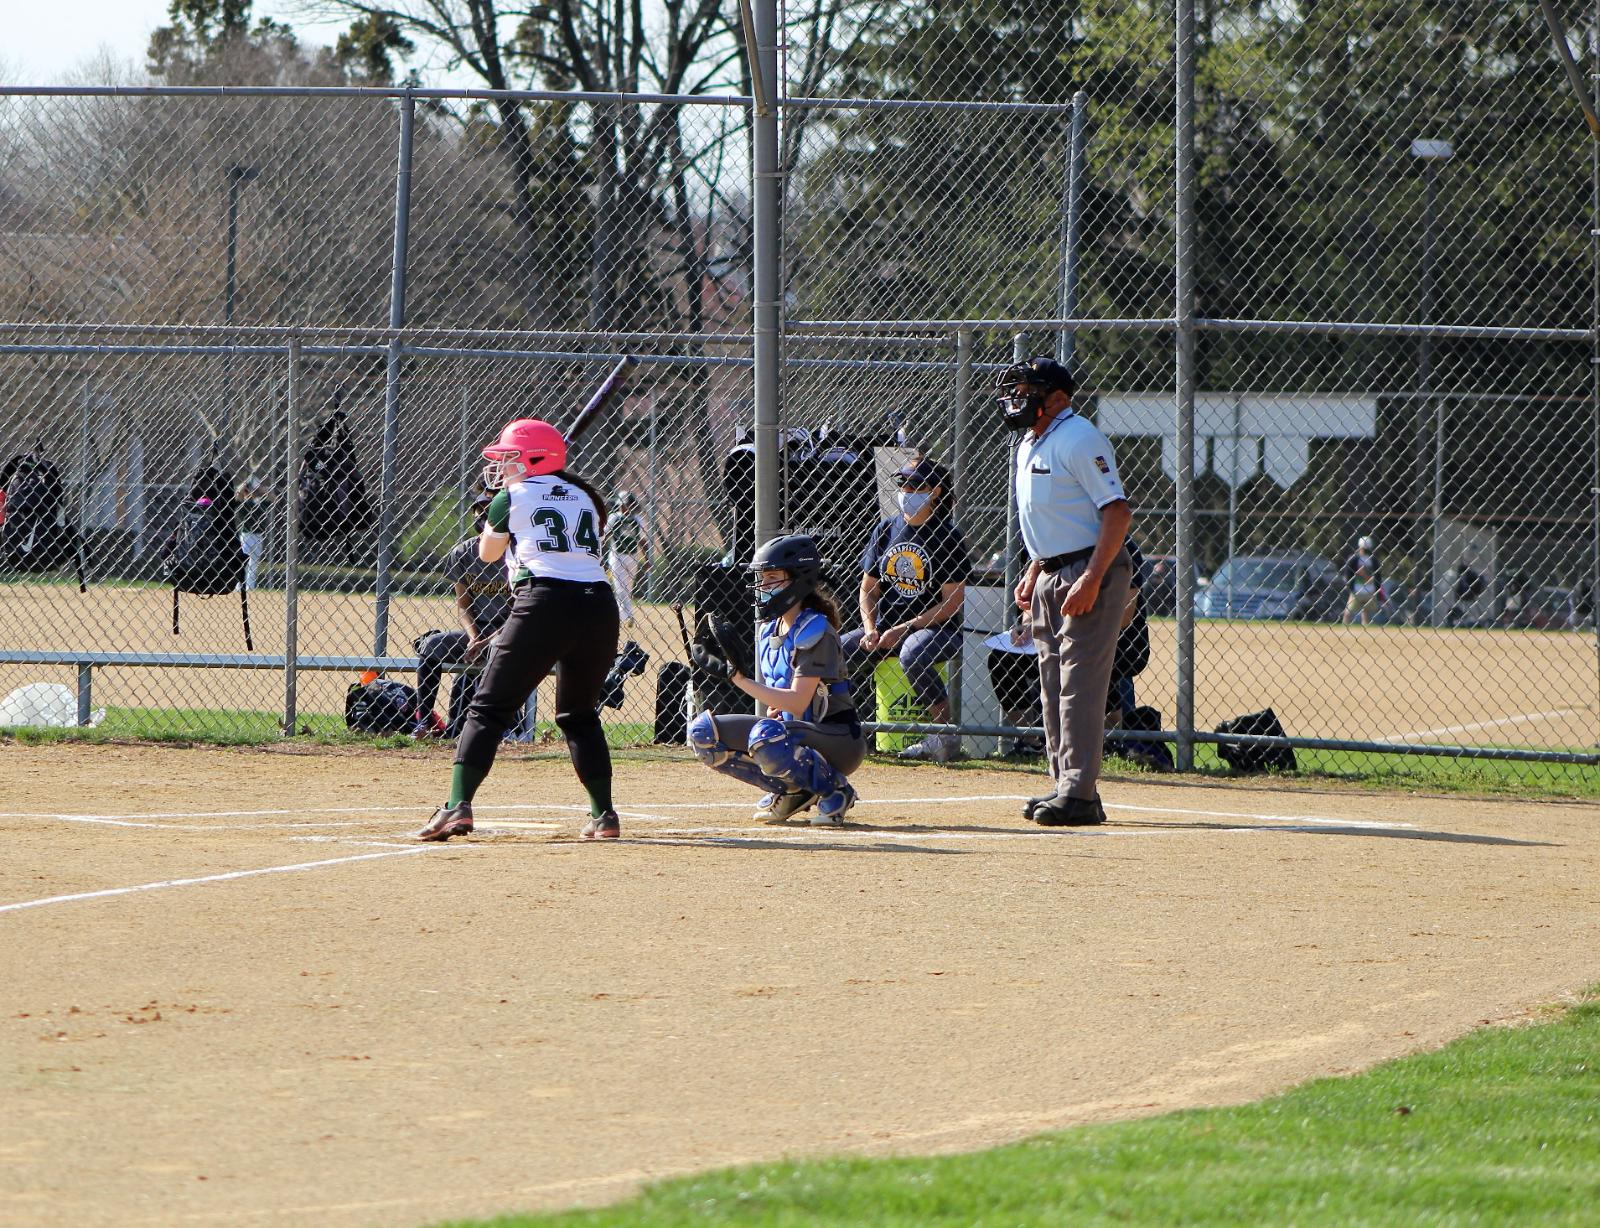 Girls Softball vs Morrisville 4/8/2021 (sfp)